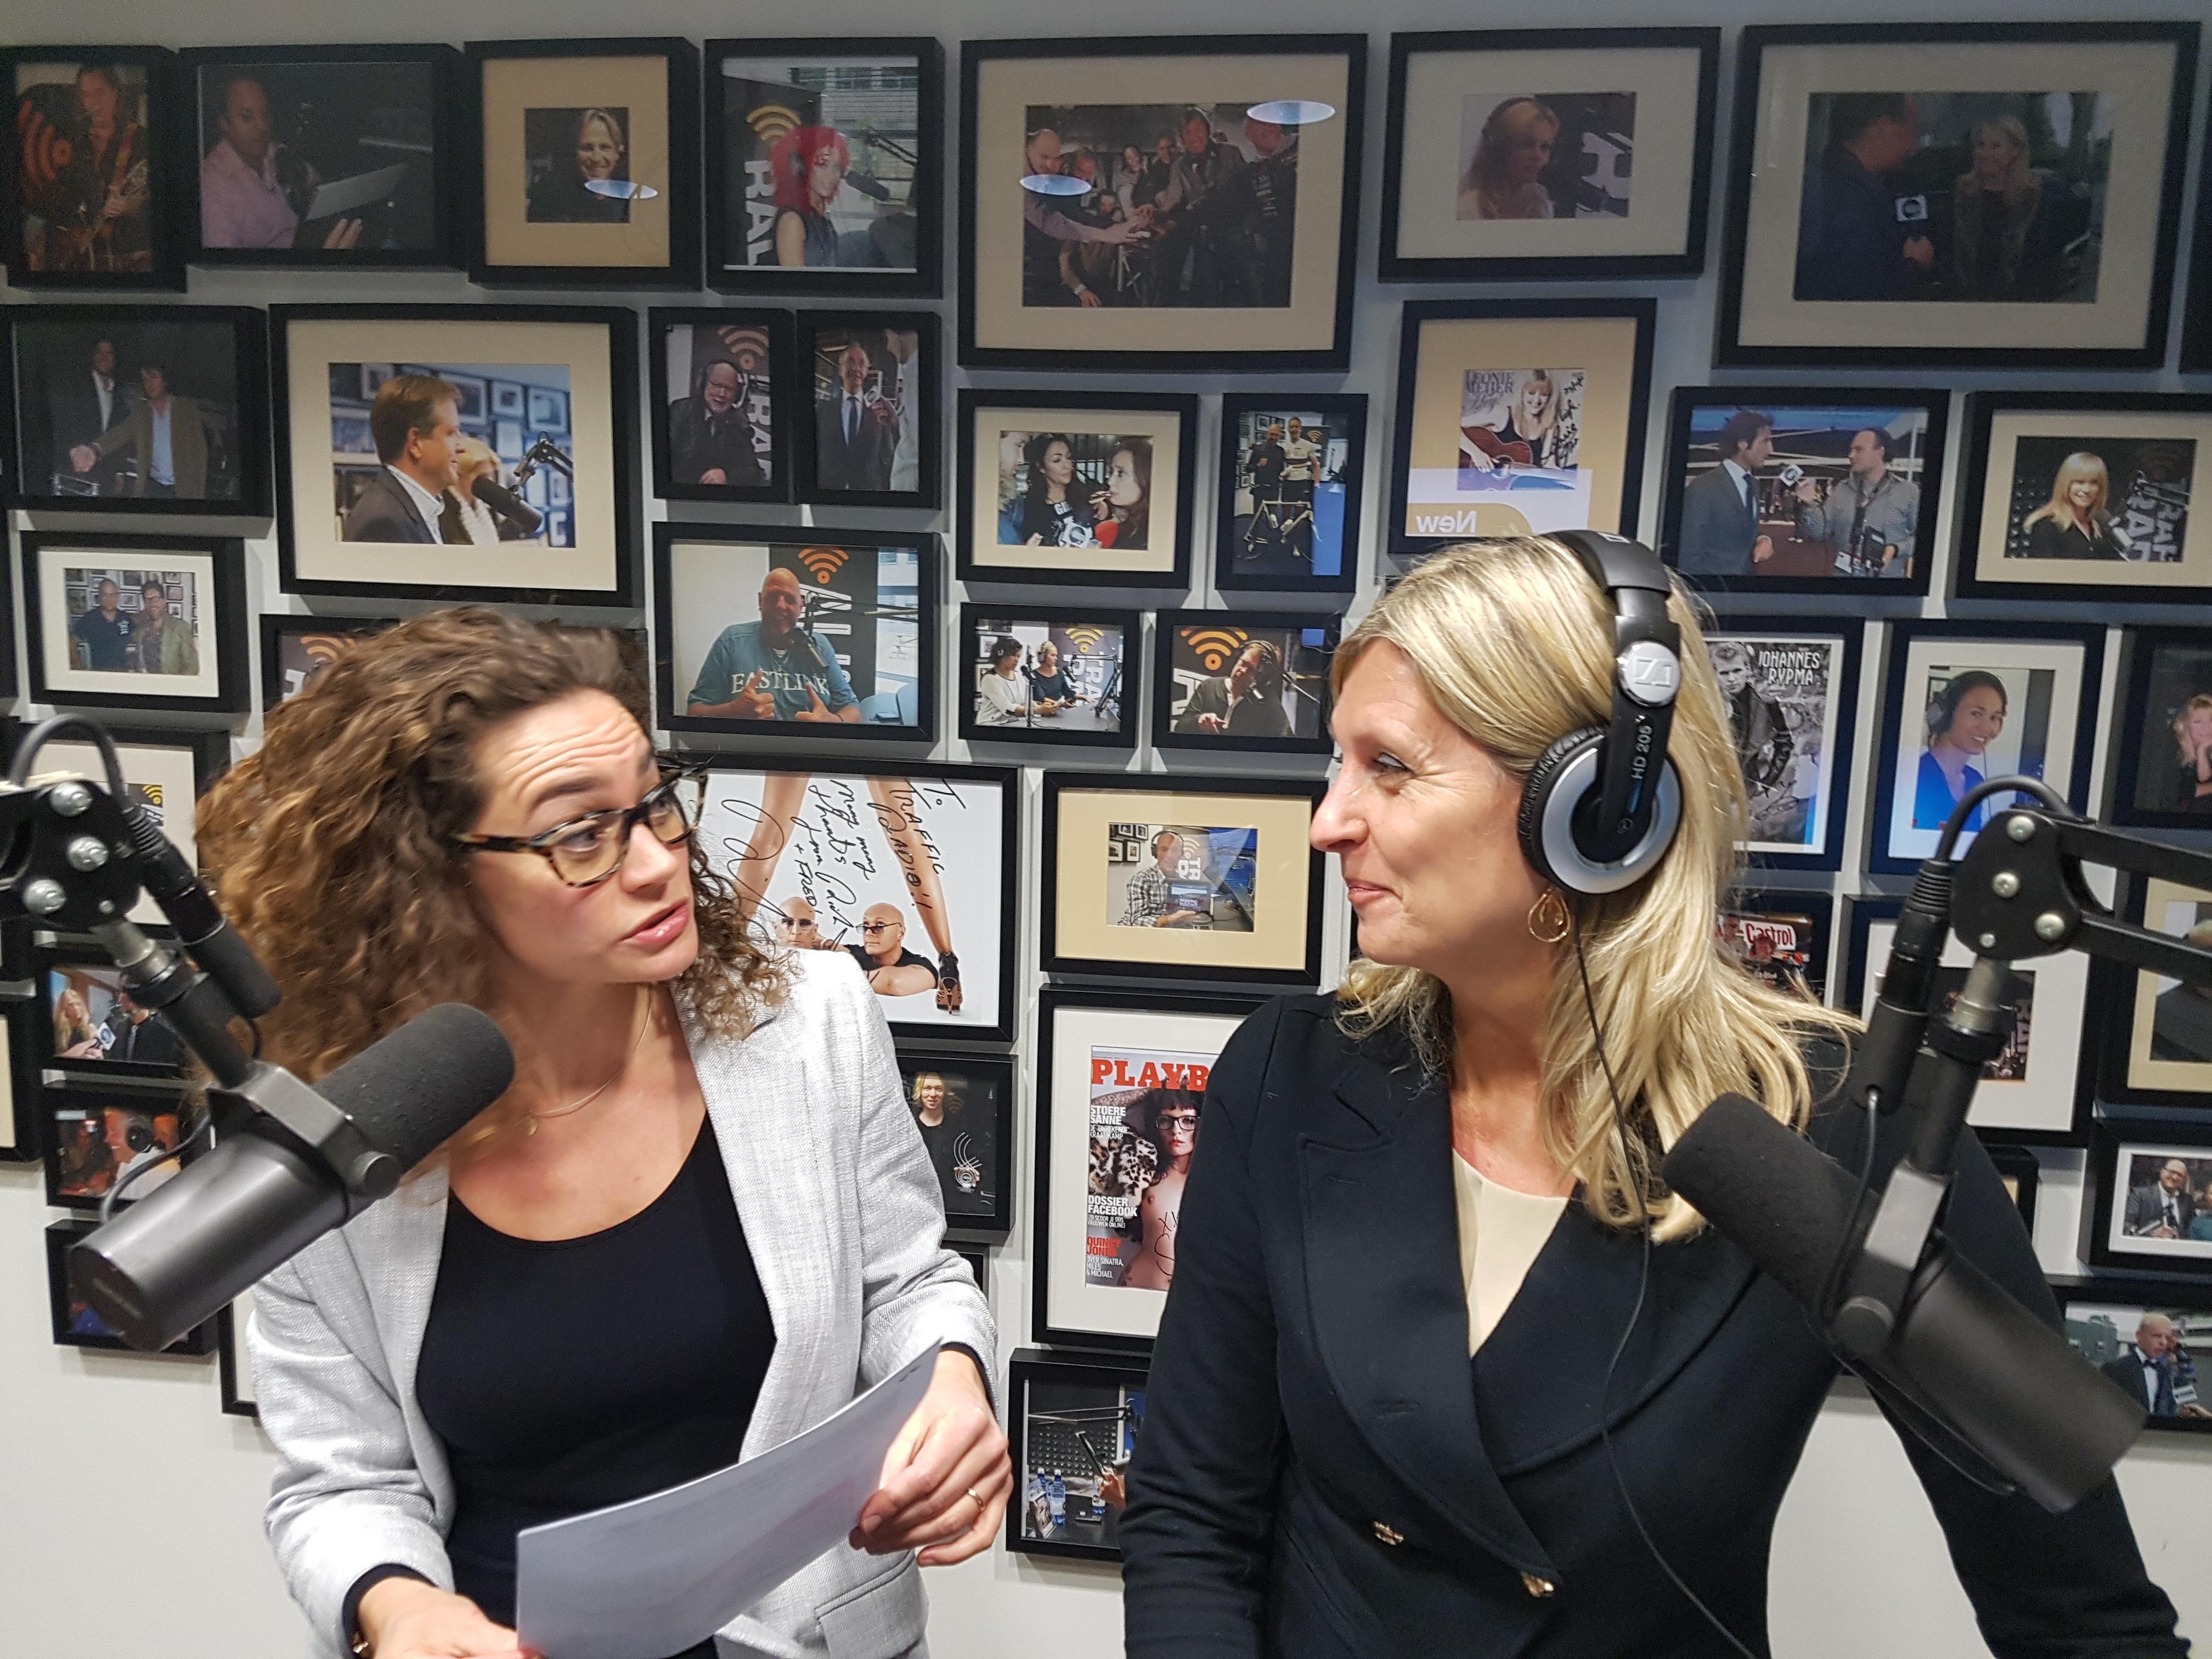 Sales trainer Hiske Gude is te gast bij Vallen opstaan en weer doorgaan met Jacqueline Zuidweg op New Business Radio. Zij praten over het onderwerp marketing en sales. Zuidweg & Partners, Schuldhulp, Schuldhulpverlening, Bedrijfsherstel